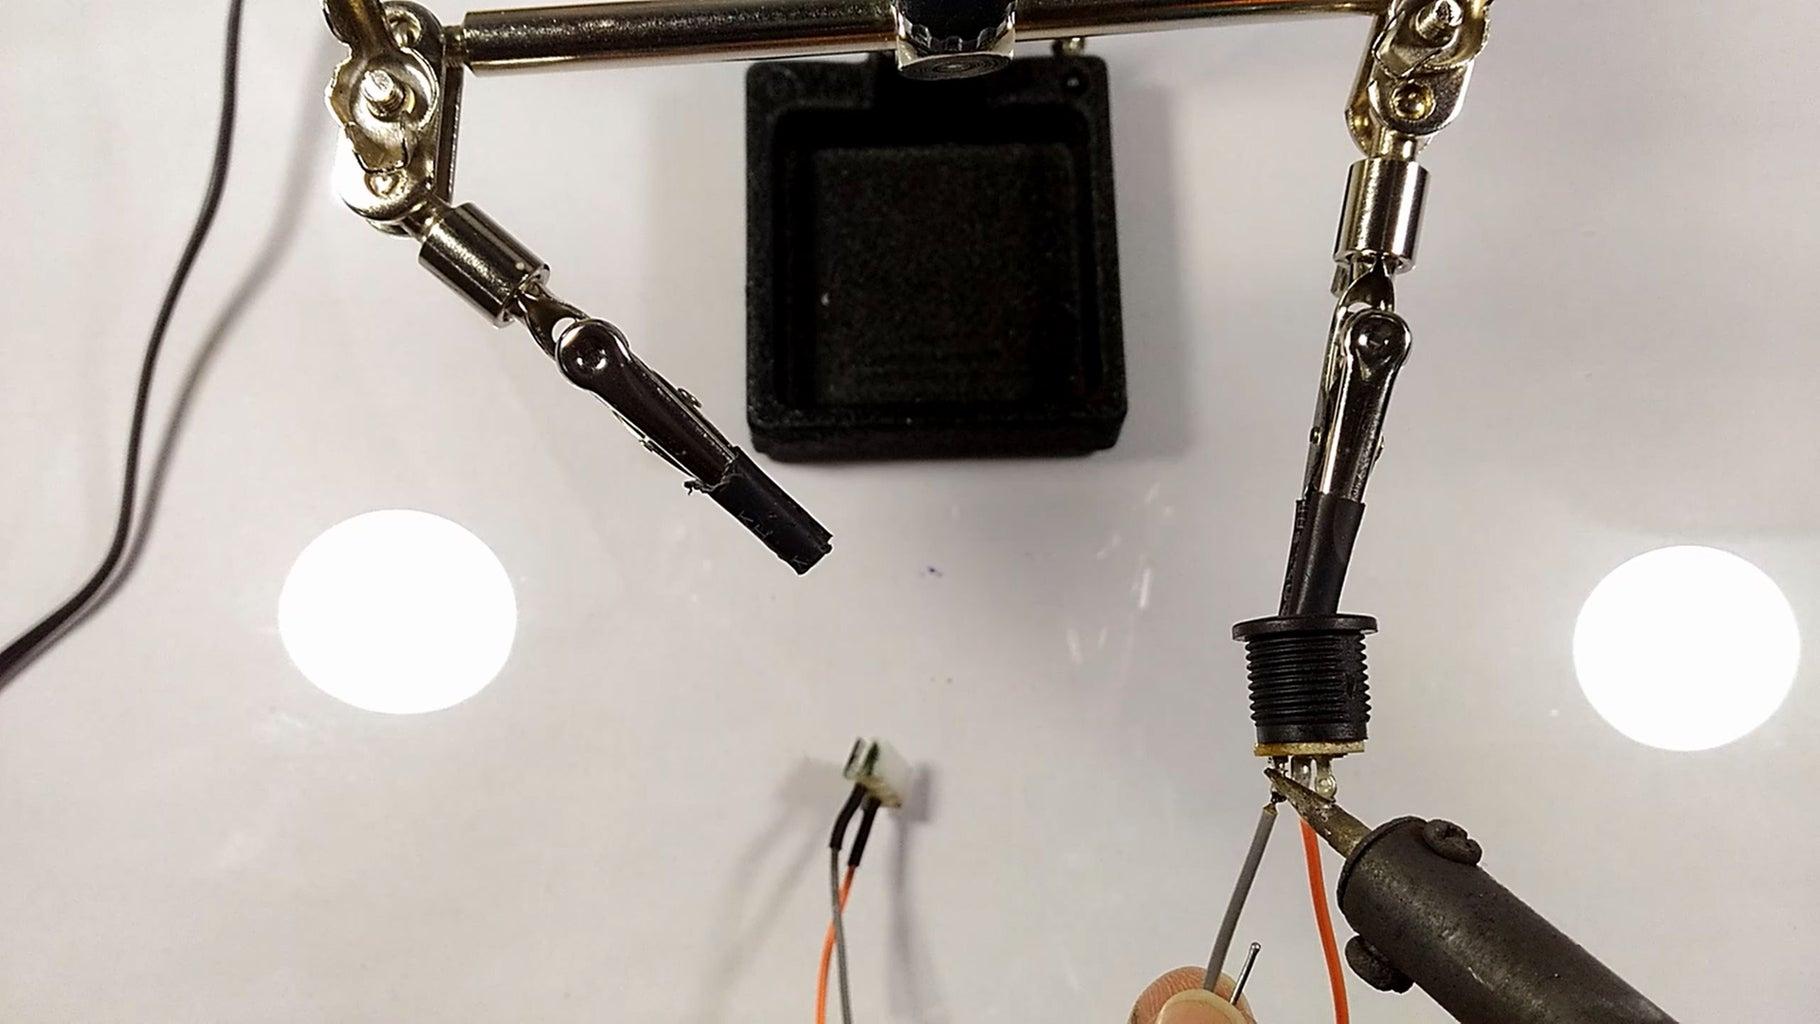 Printer Power Connector